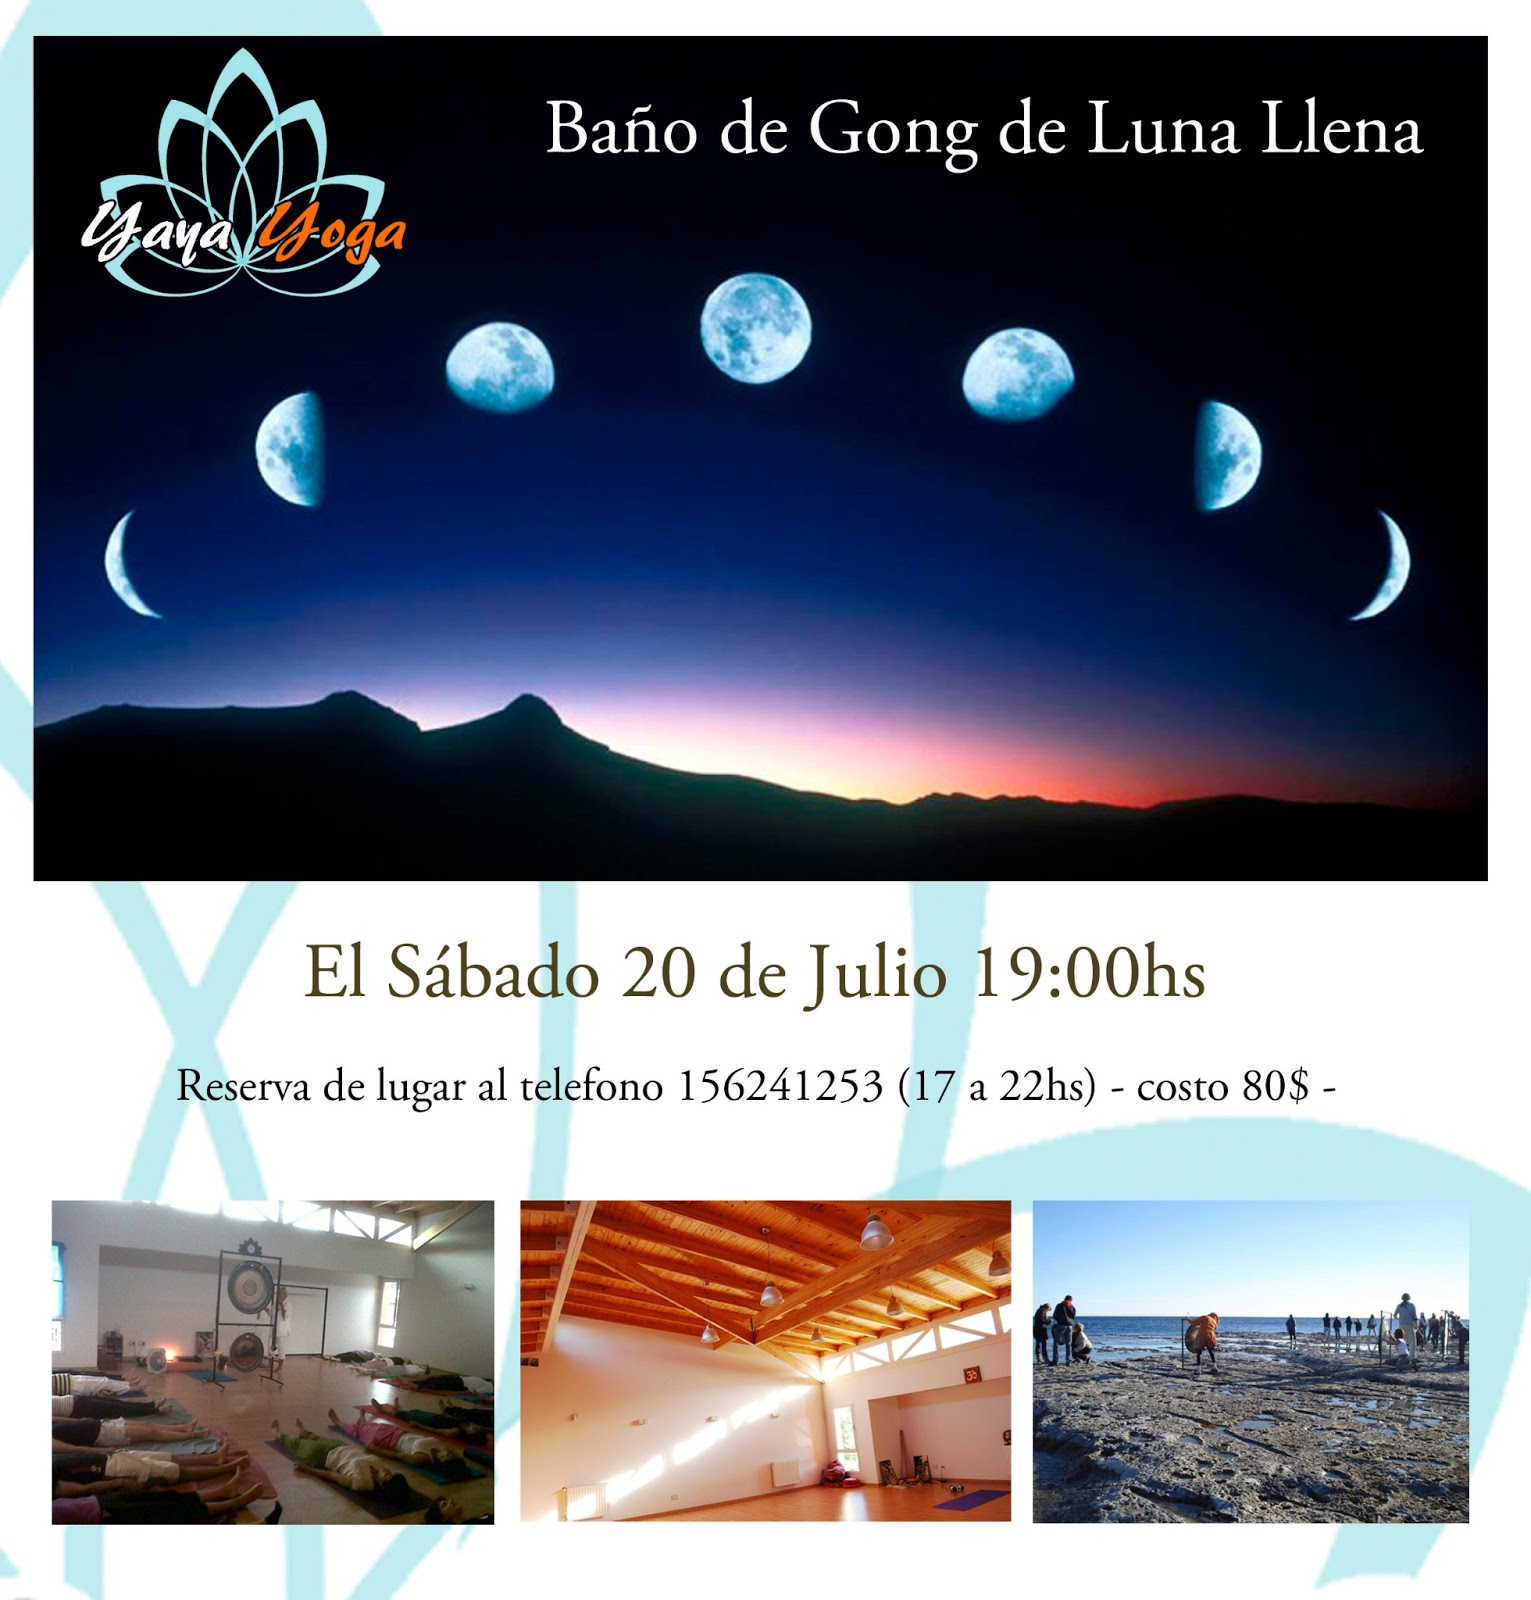 Imagenes De Baño De Luna:Centro Holístico Yaya Yoga: Baño de Gong de Luna Llena Julio!